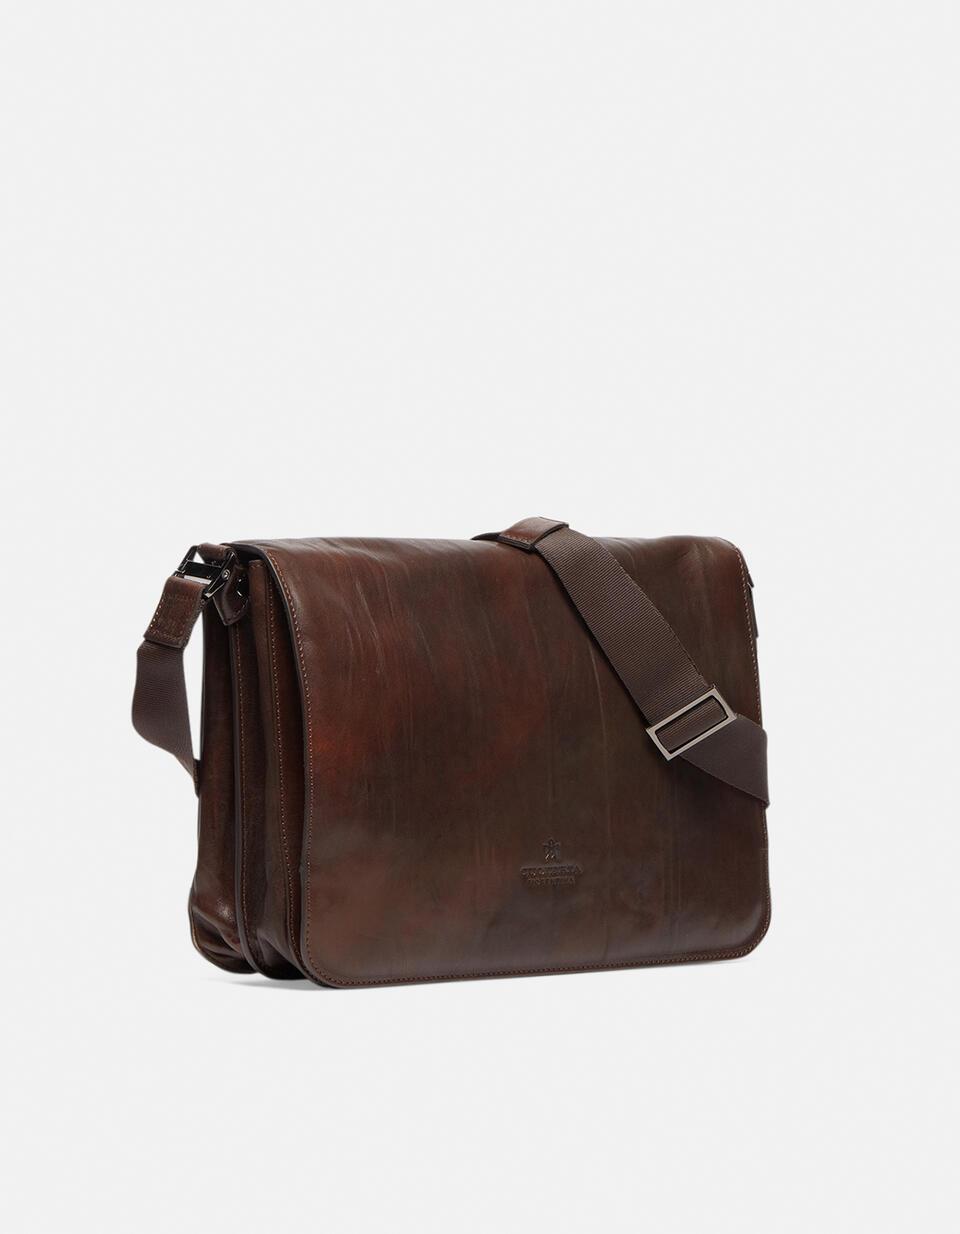 Bourbon leather large messenger bag in delavé leather TESTA DI MORO Cuoieria Fiorentina